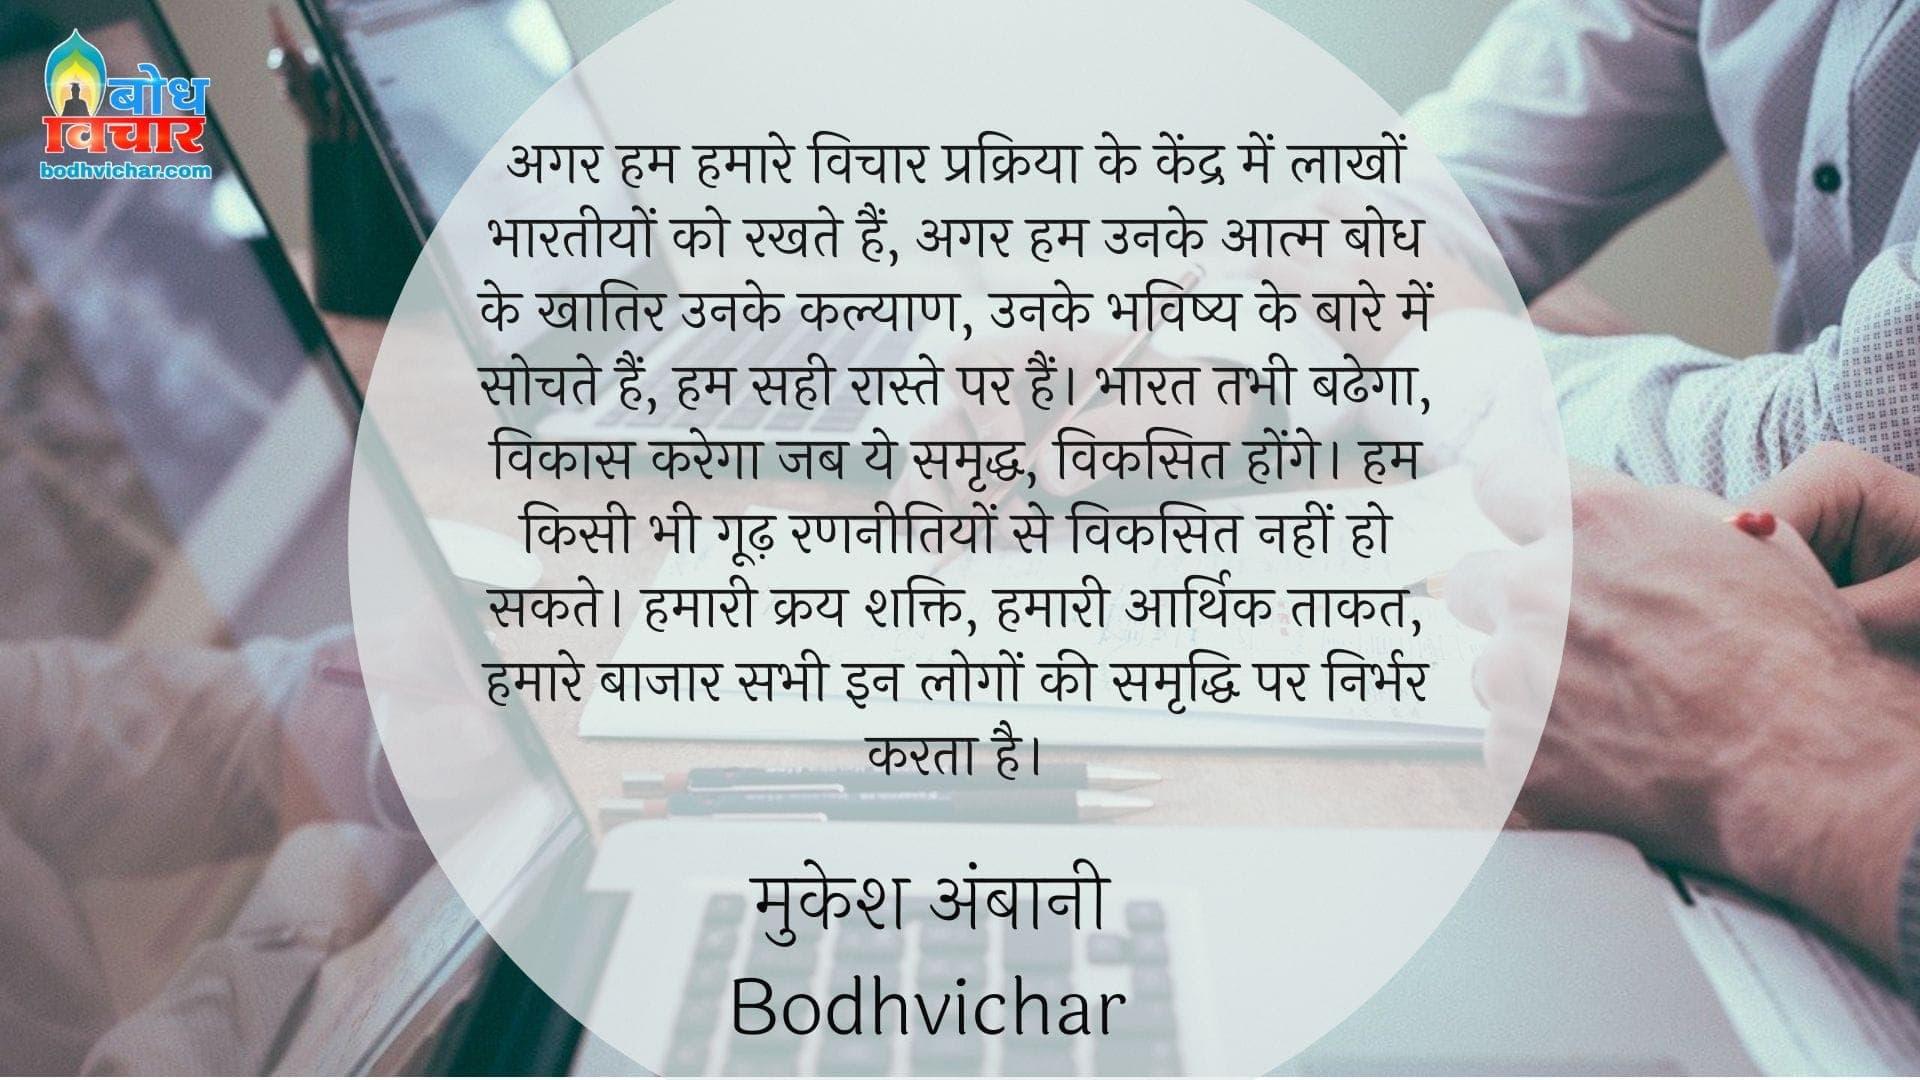 अगर हम हमारे विचार प्रक्रिया के केंद्र में लाखों भारतीयों को रखते हैं, अगर हम उनके आत्म बोध के खातिर उनके कल्याण, उनके भविष्य के बारे में सोचते हैं, हम सही रास्ते पर हैं। भारत तभी बढेगा, विकास करेगा जब ये समृद्ध, विकसित होंगे। हम किसी भी गूढ़ रणनीतियों से विकसित नहीं हो सकते। हमारी क्रय शक्ति, हमारी आर्थिक ताकत, हमारे बाजार सभी इन लोगों की समृद्धि पर निर्भर करता है। : Agar hum hamare vichar prakriya ke kendra me laakho bharteeyon ko rakhte hain,, agar hum unke aatm bodh ki khatir unke bhavishya aur kalyaan ke baare me sochte hain, to hum bilkul sahi raaste par hain. - मुकेश अंबानी